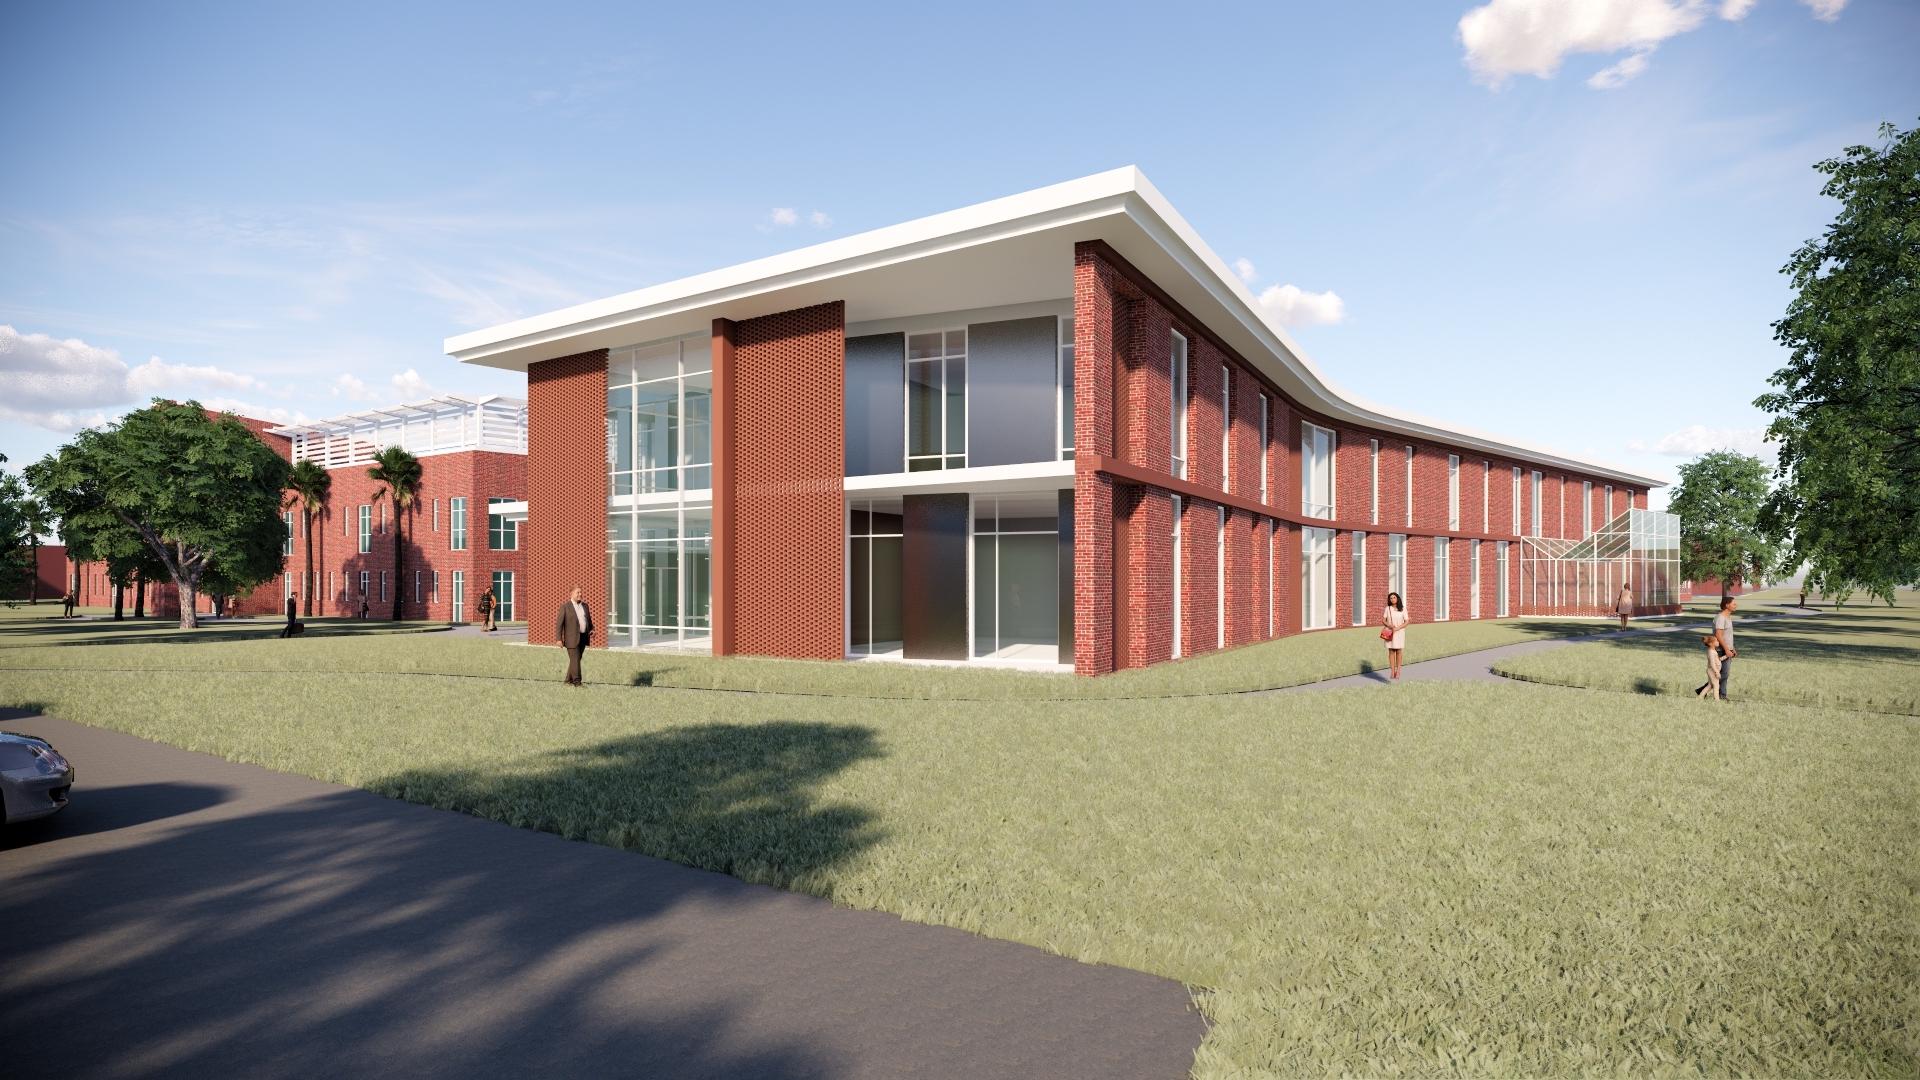 rendering of Brown Hall